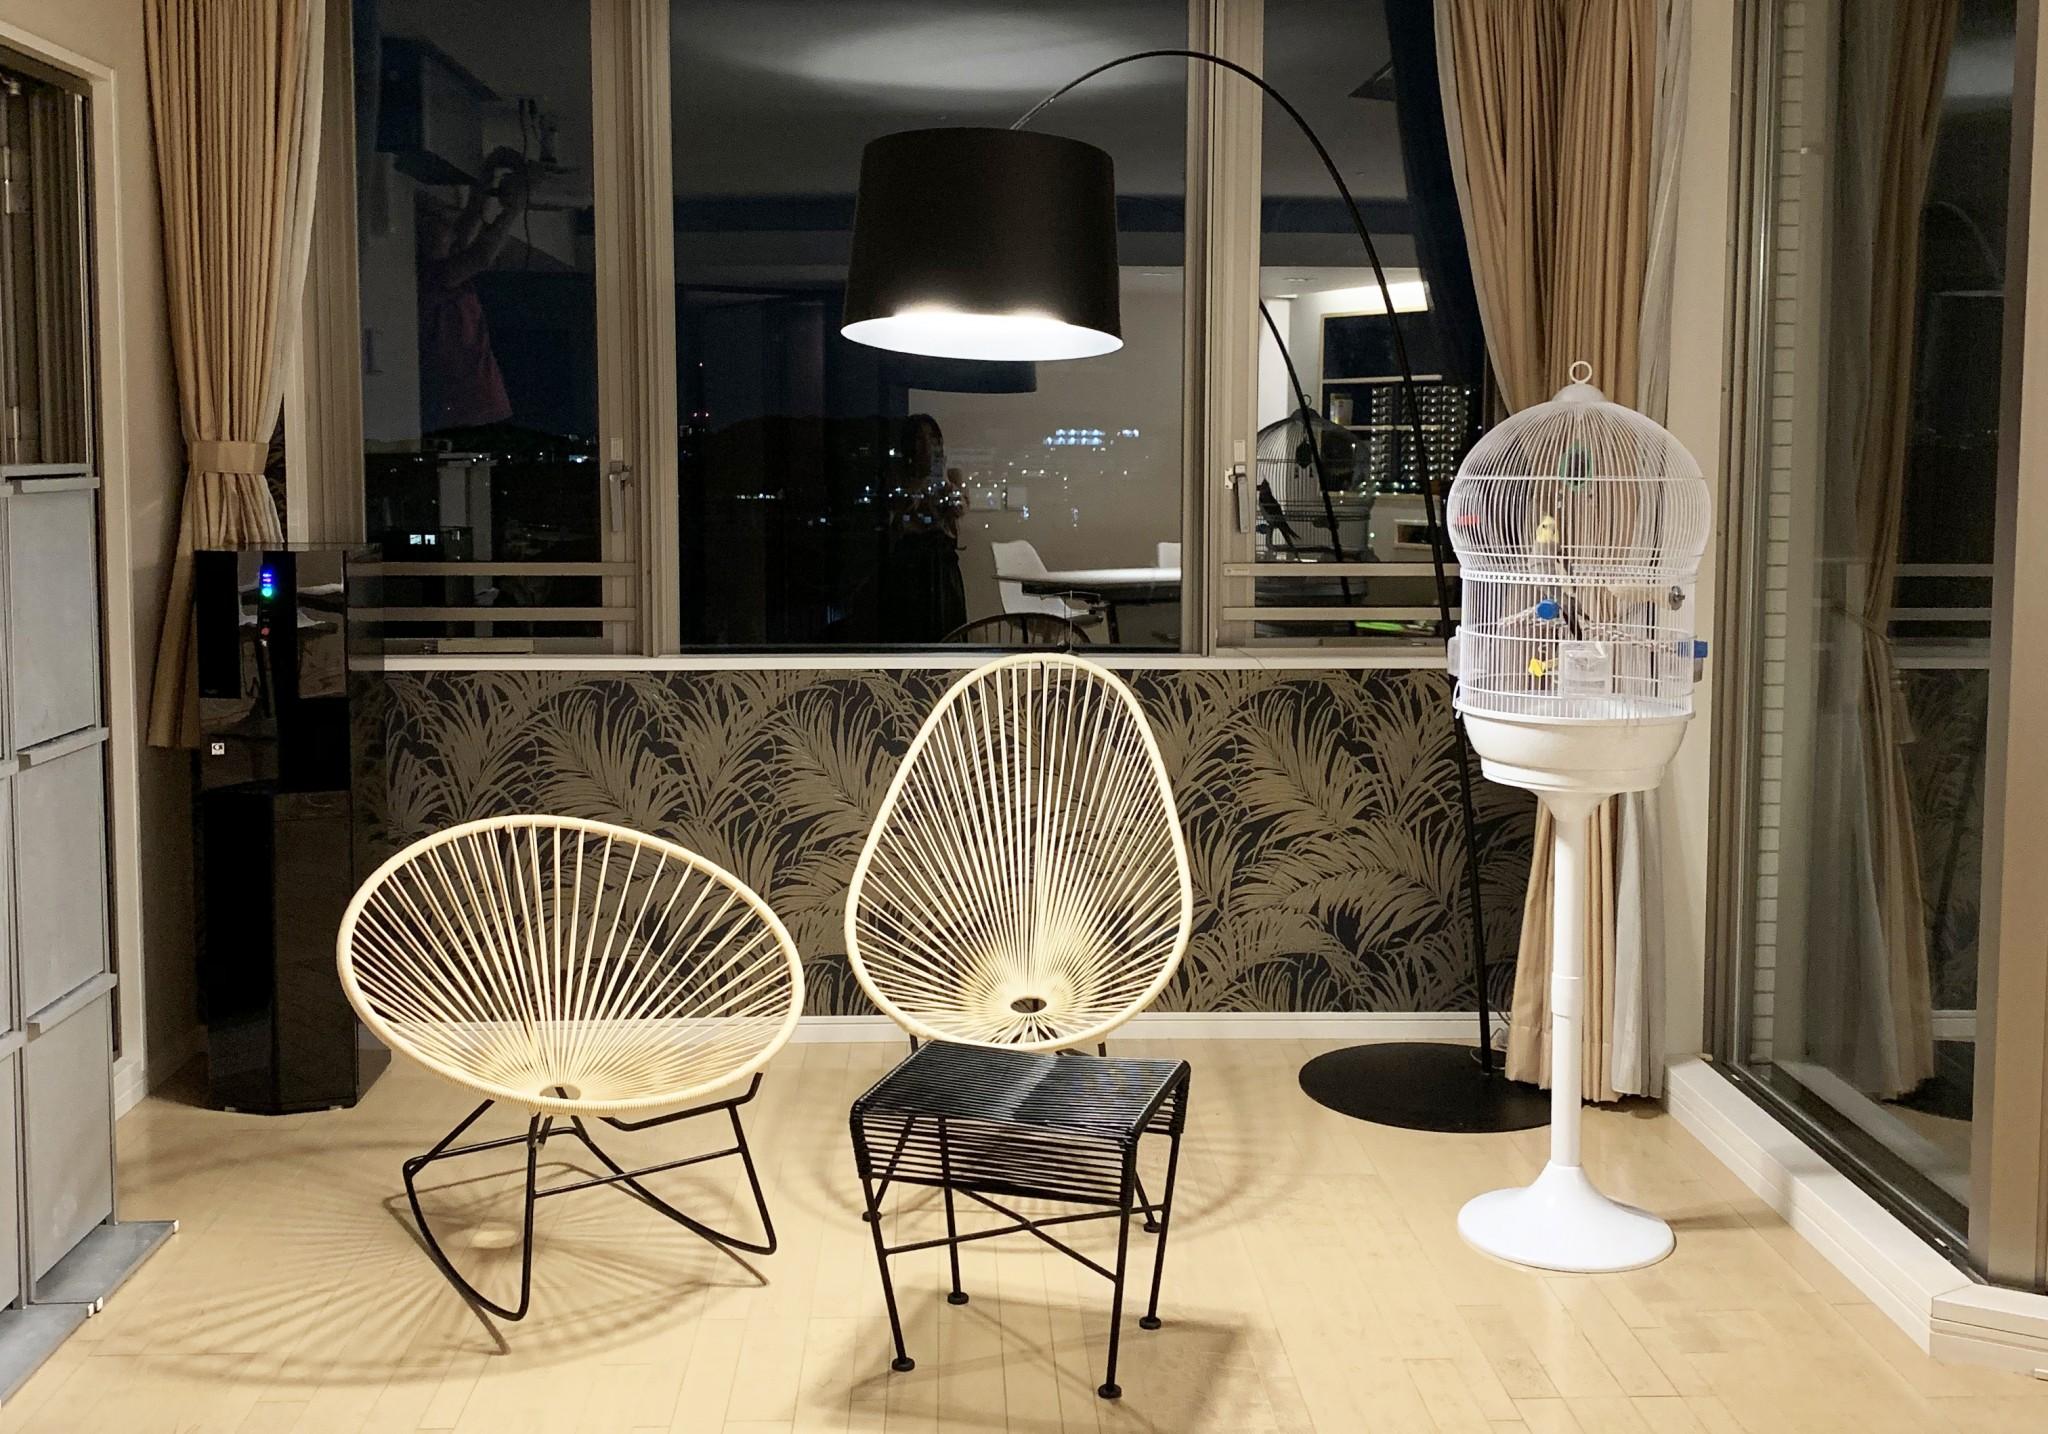 【建築士夫婦のこだわリノベーション1】スマホ時代の空間づくり